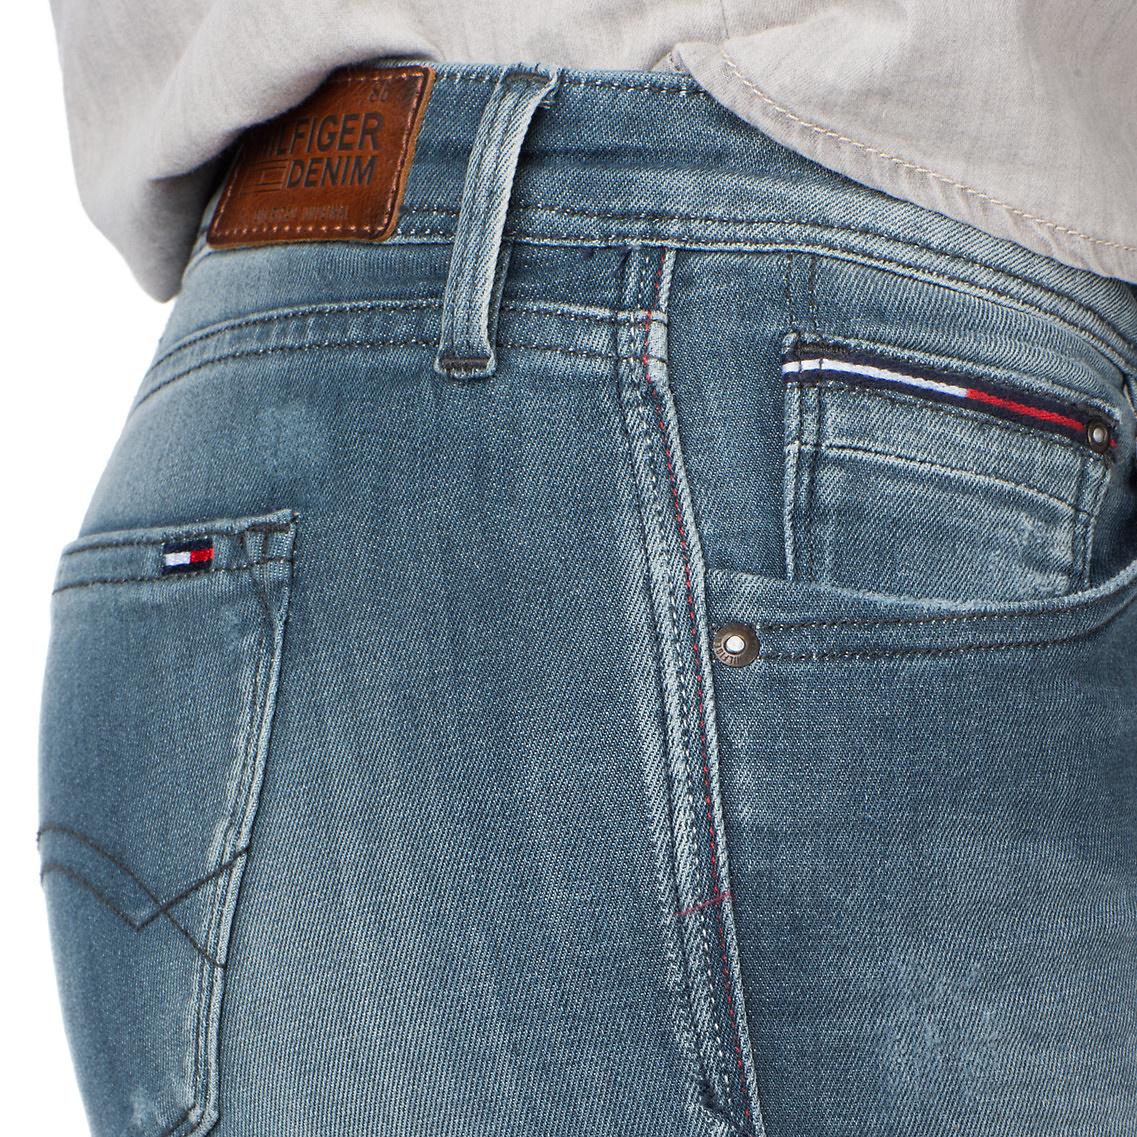 tommy hilfiger natalie skinny fit jeans in blue lyst. Black Bedroom Furniture Sets. Home Design Ideas